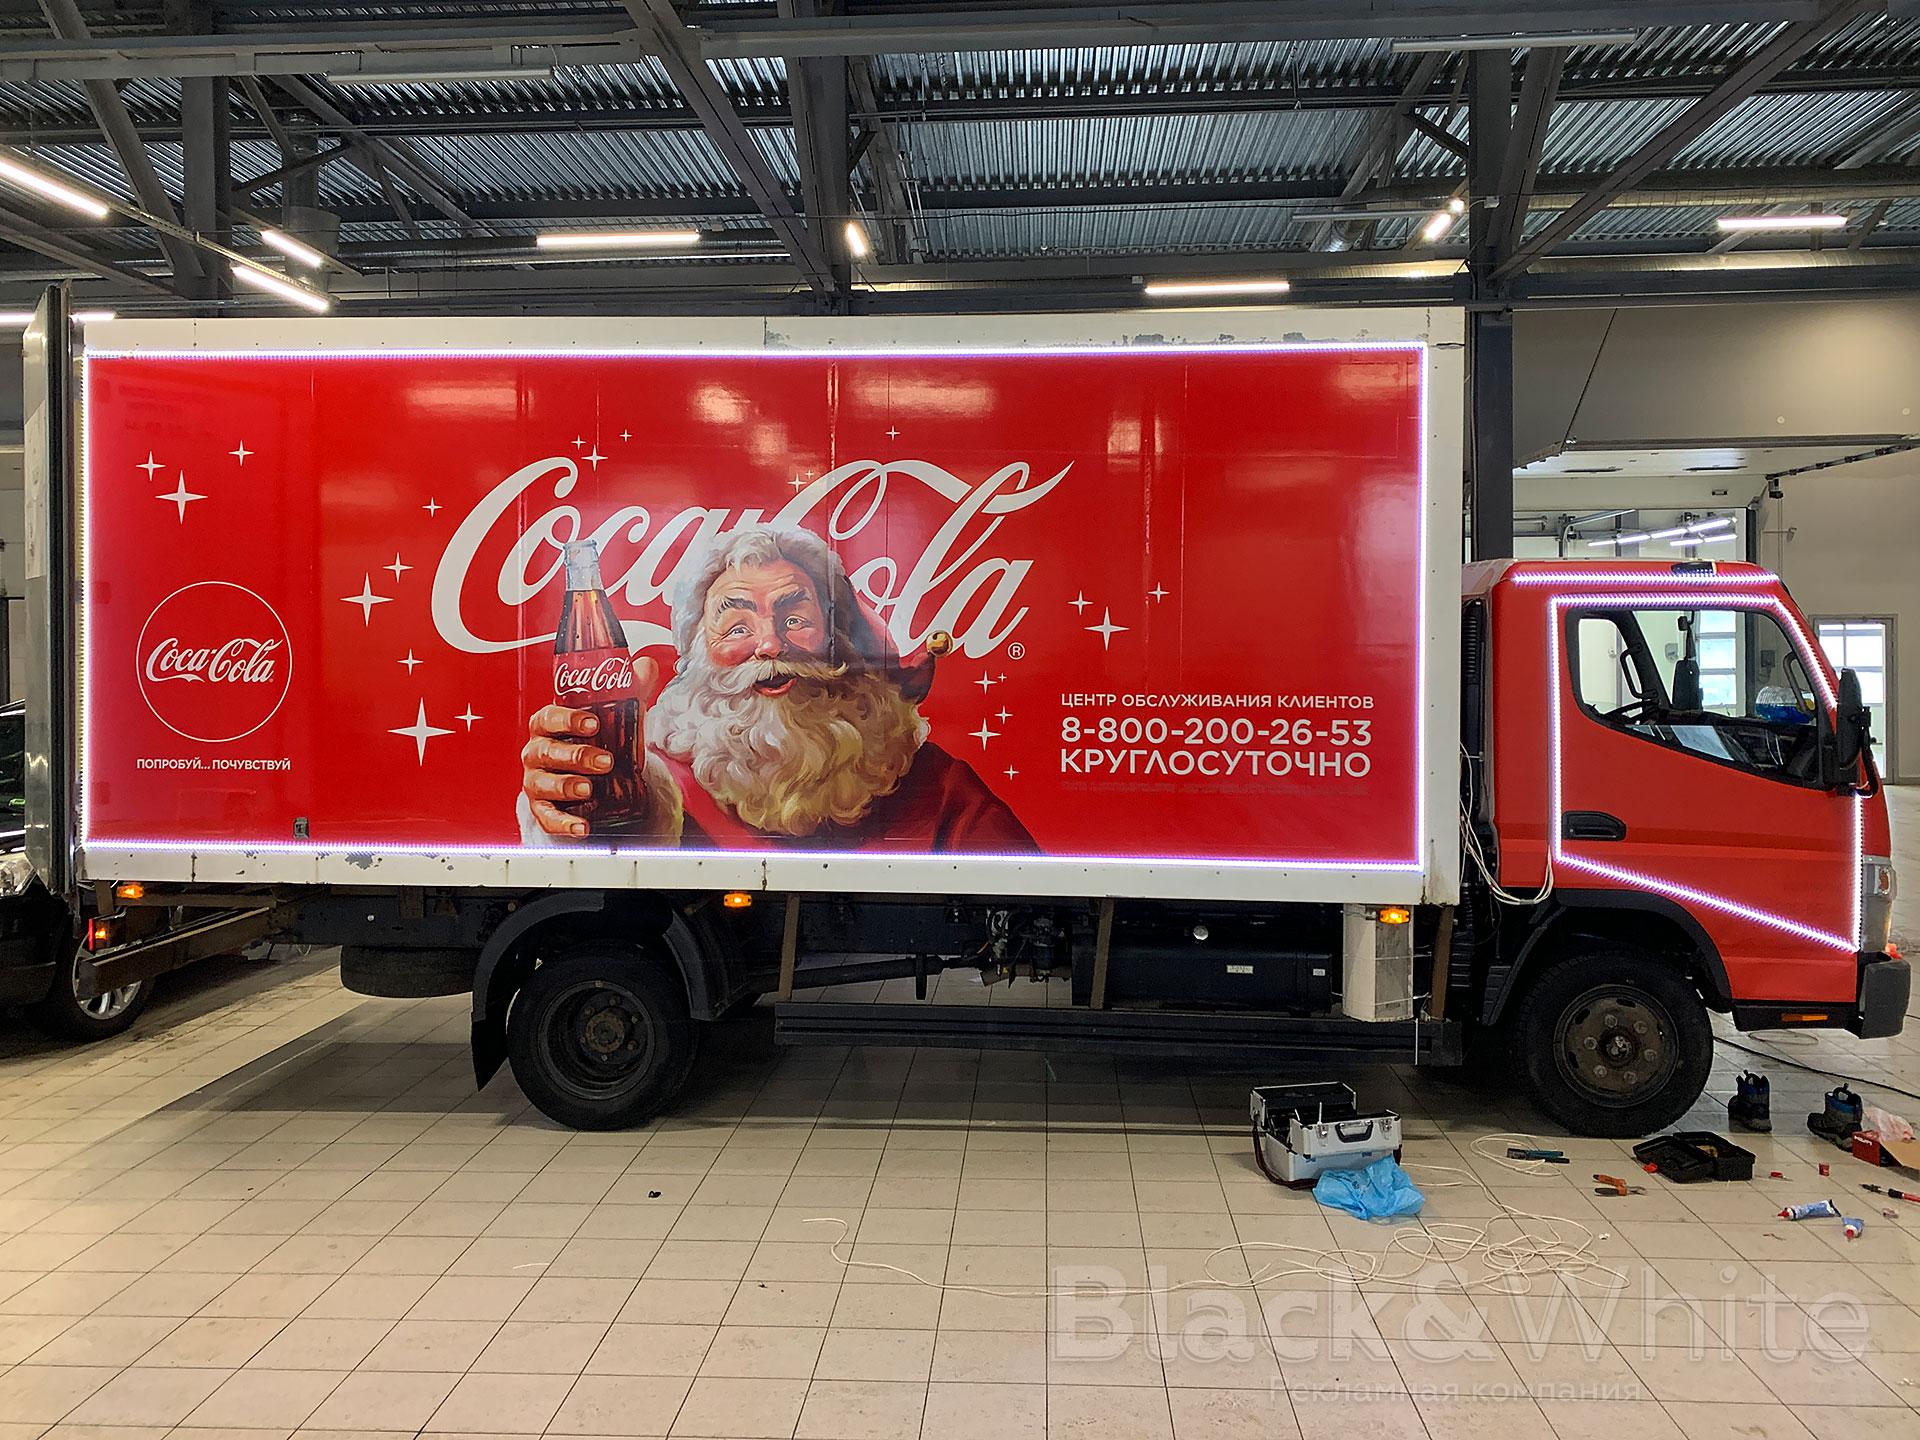 Брендирование-и-оклейка-грузовика-coca-cola-brendirovanie-gruzovyix-avtomobilej-новогоднее-украшение-автомобиля-Black&White.jpg